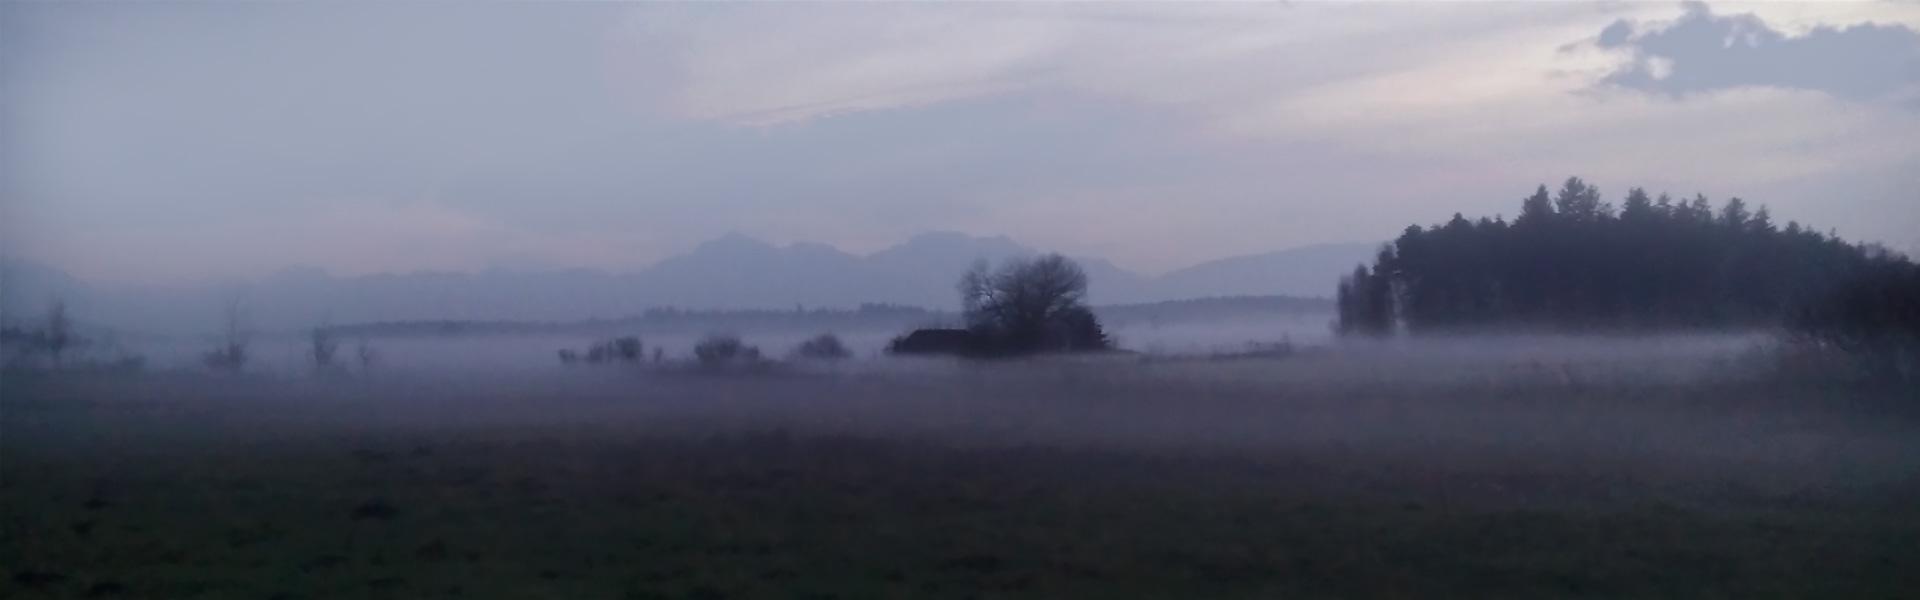 Moorlandschaft im Abendnebel, im Hintergrund Wald und Berge.